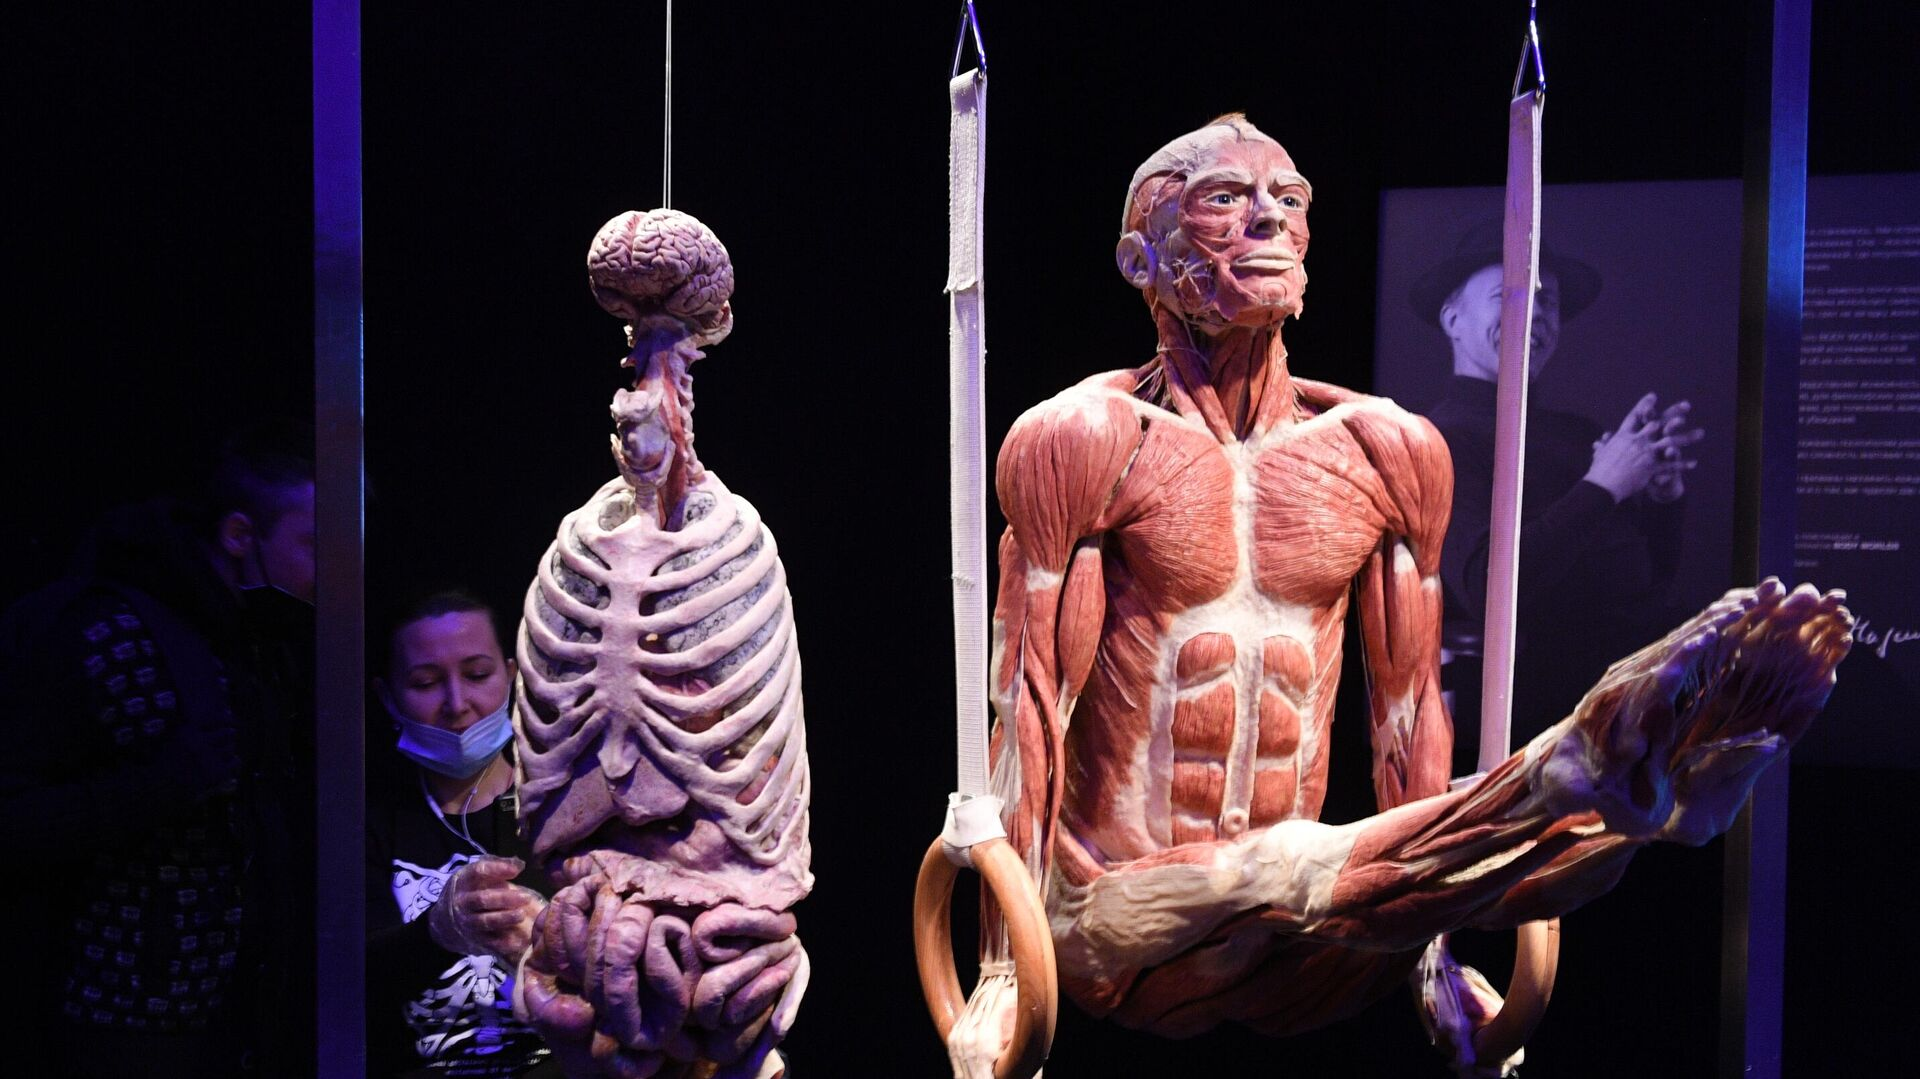 Выставка Body Worlds. Мир тела в Москве - РИА Новости, 1920, 24.03.2021